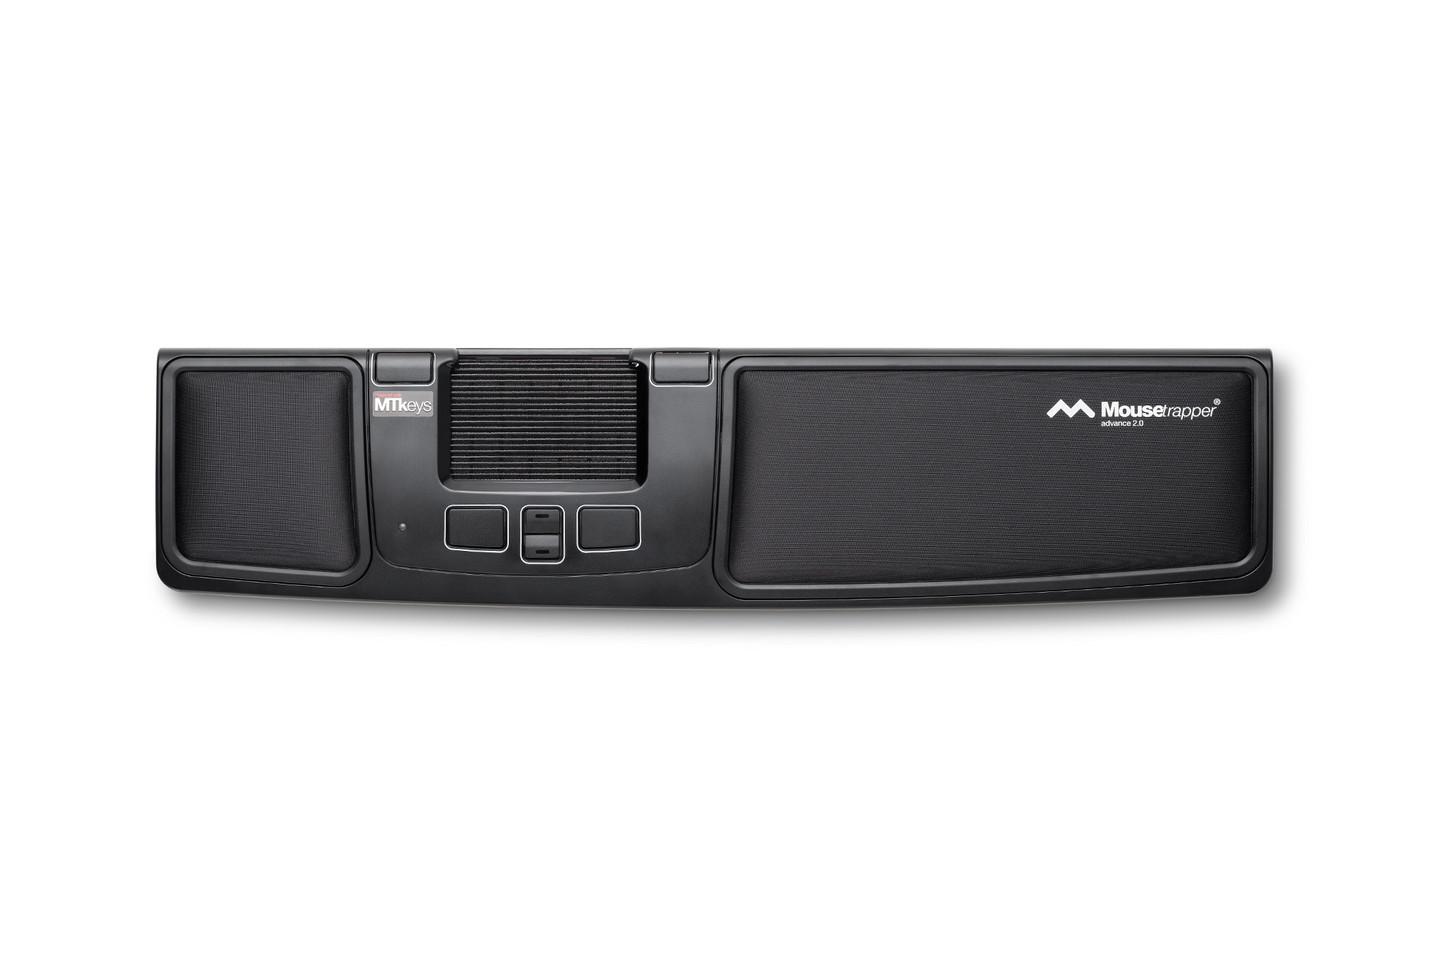 mousetrapper-advance-20-central-mouse-15